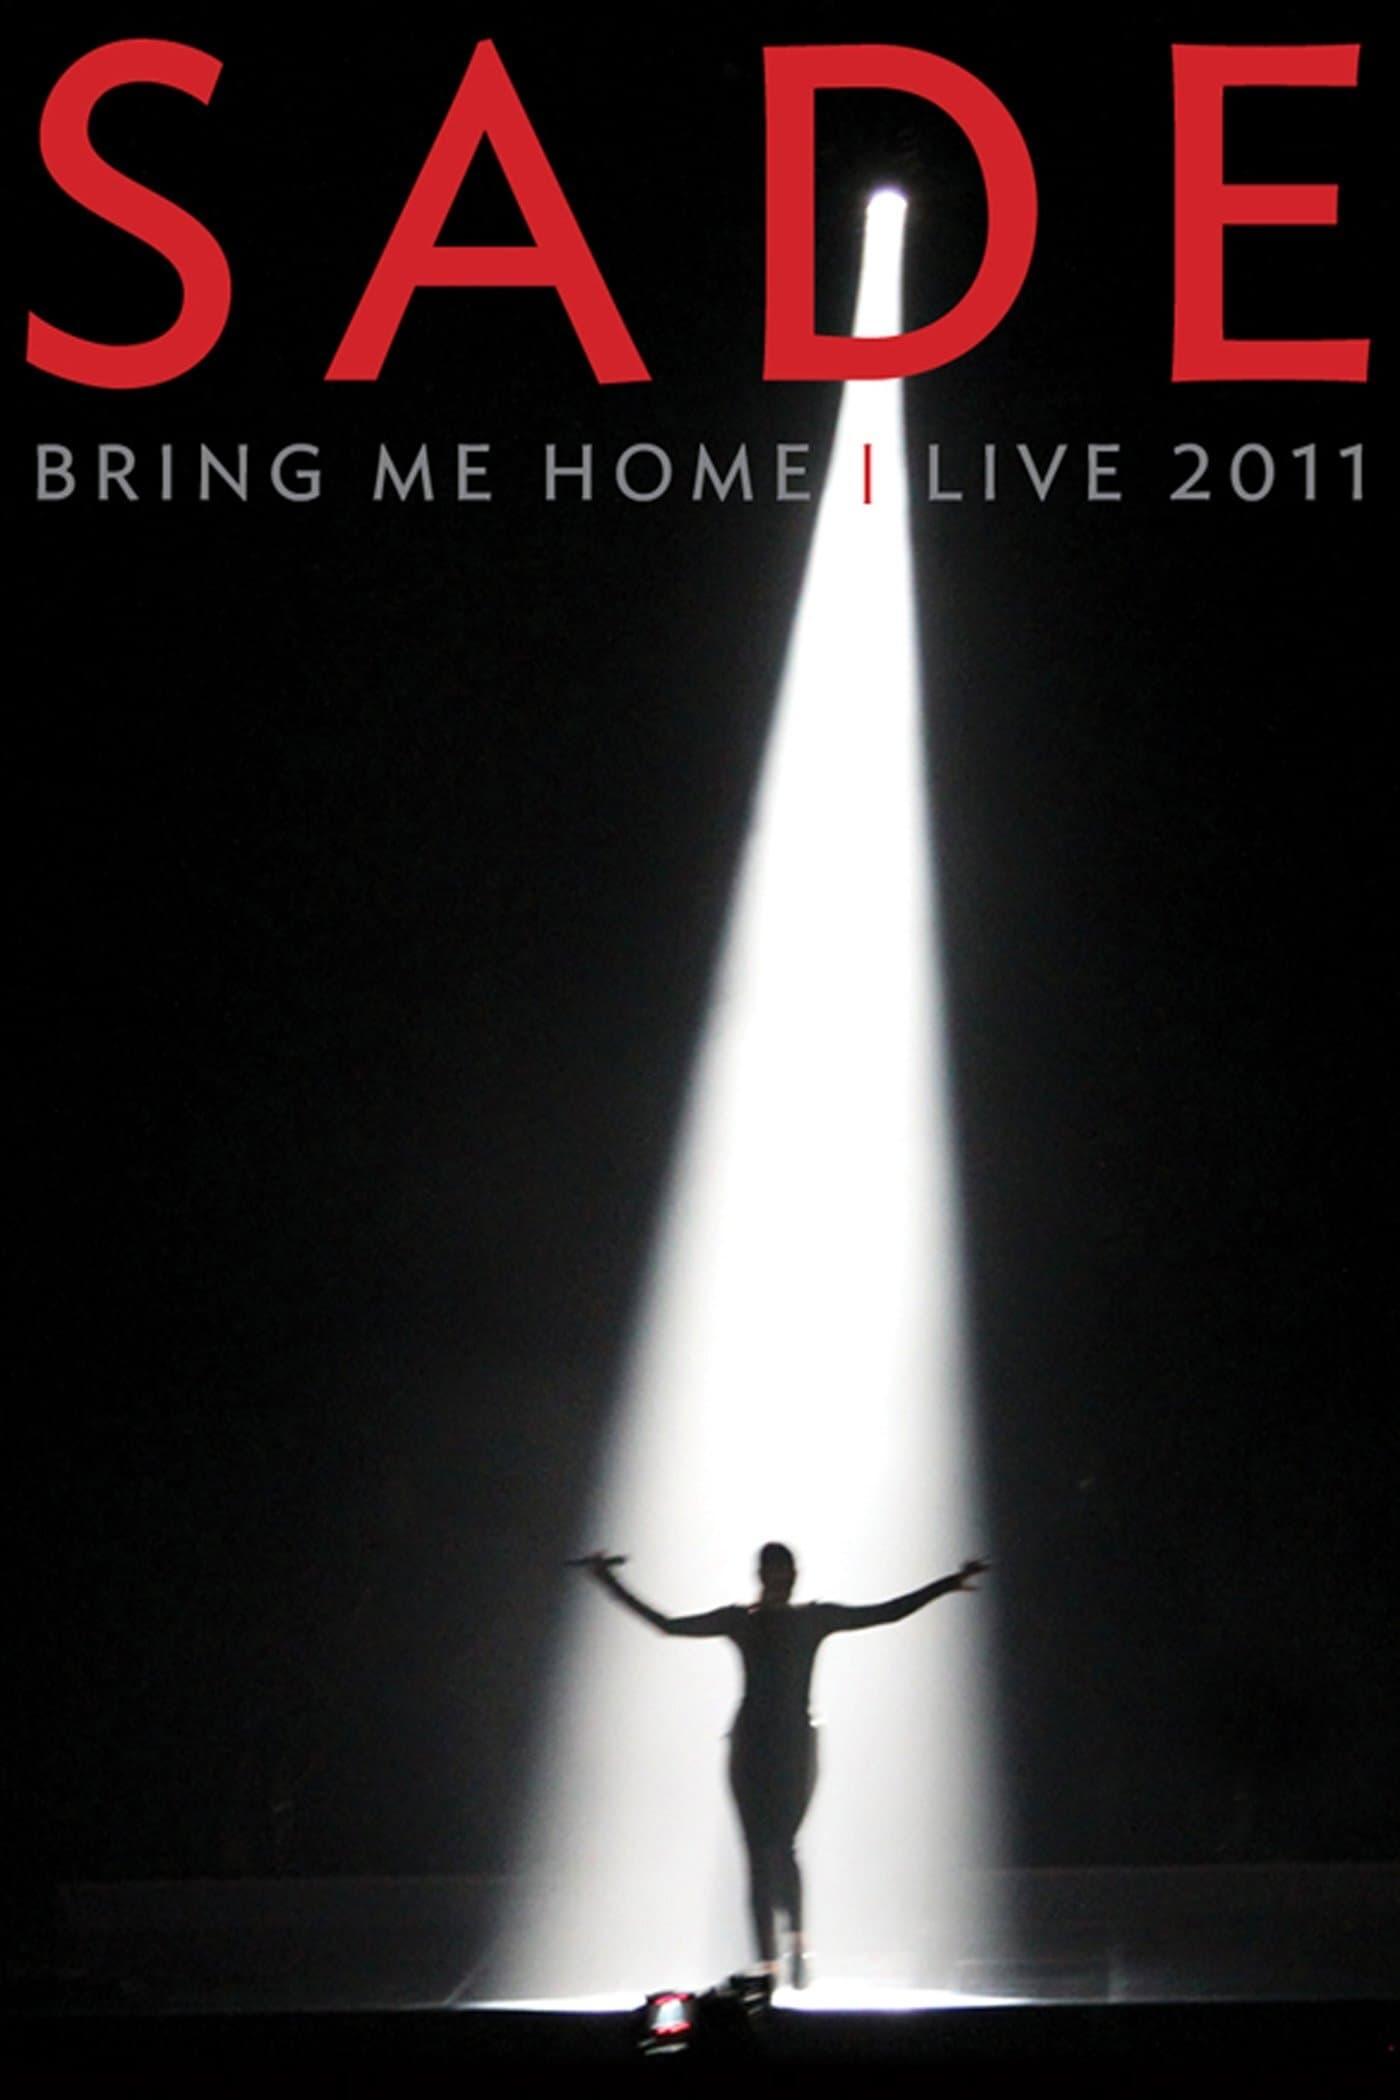 Sade : Bring Me Home - Live 2011